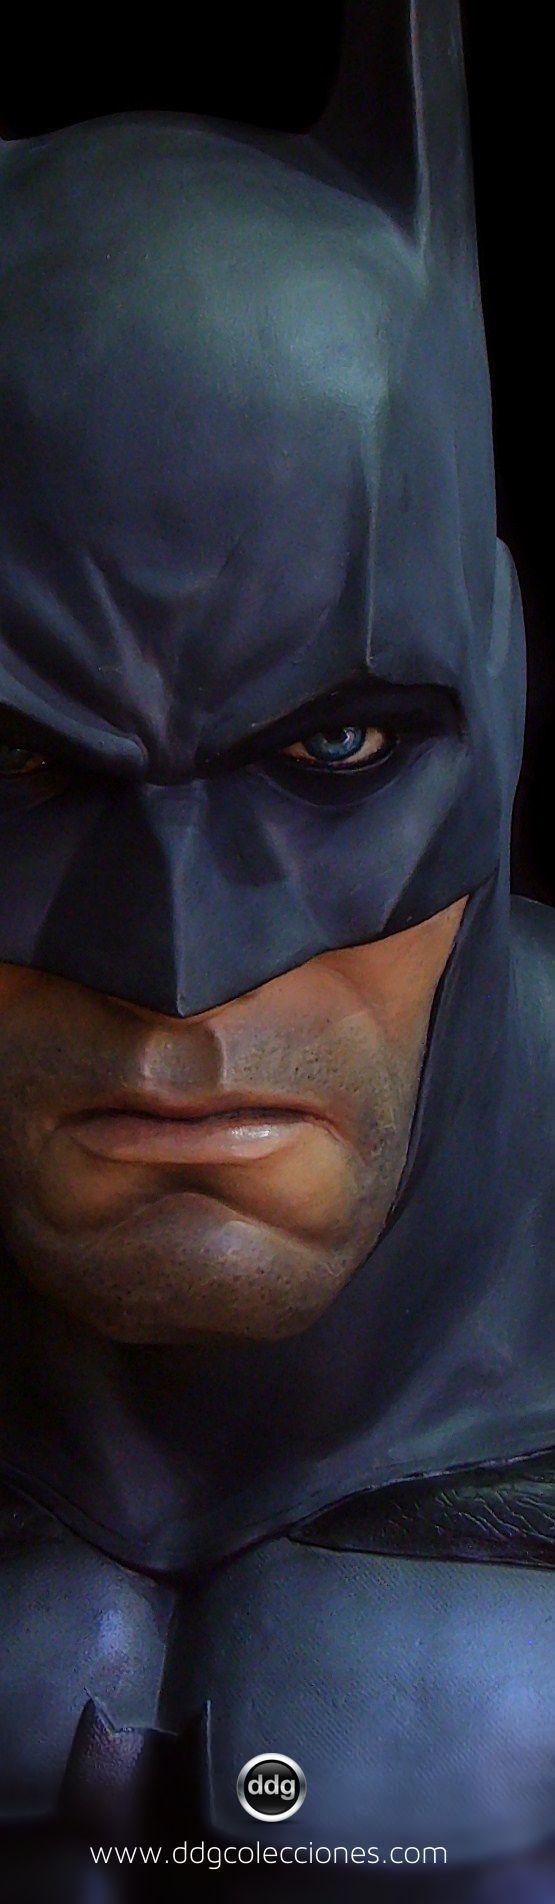 cuadro de Batman para el estudio